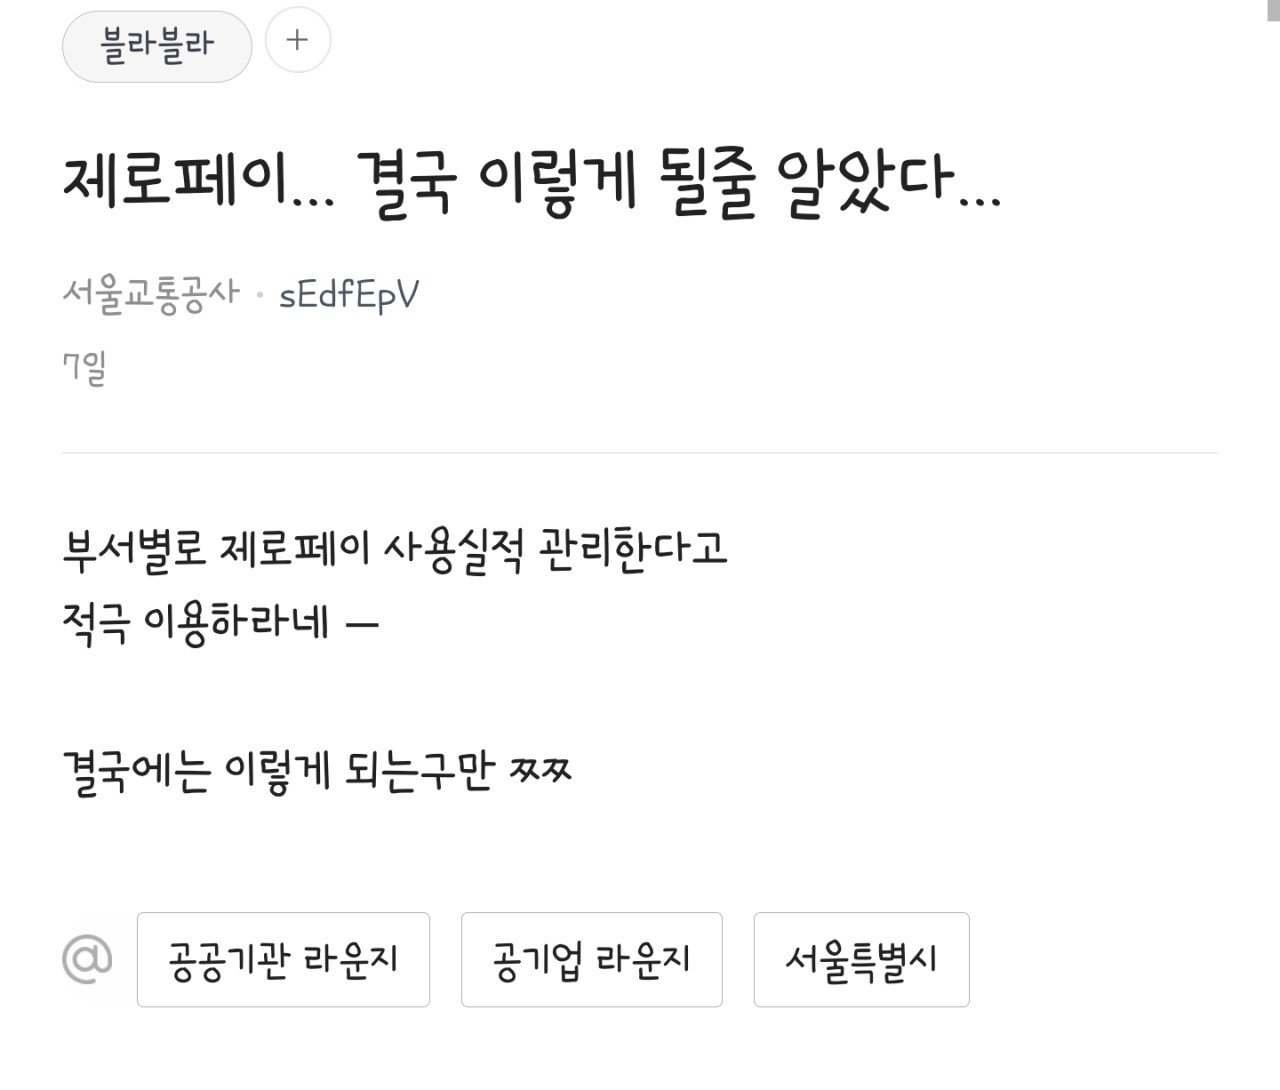 서울시 제로페이 근황